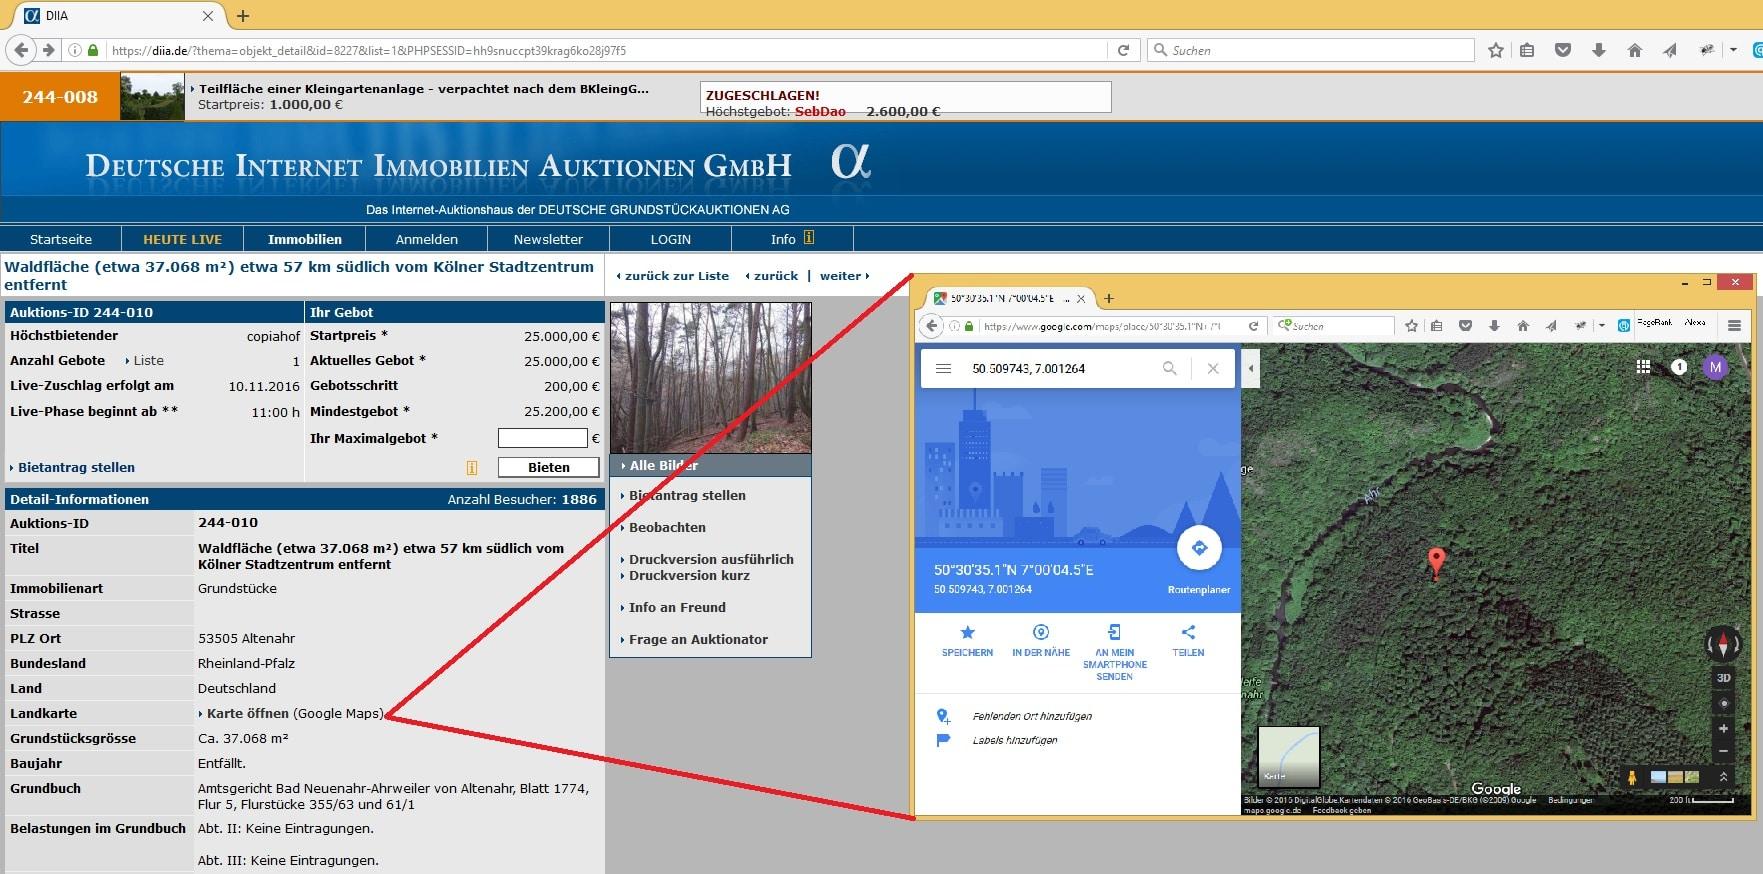 deutsche internet immobilien auktionen: wald online ersteigern